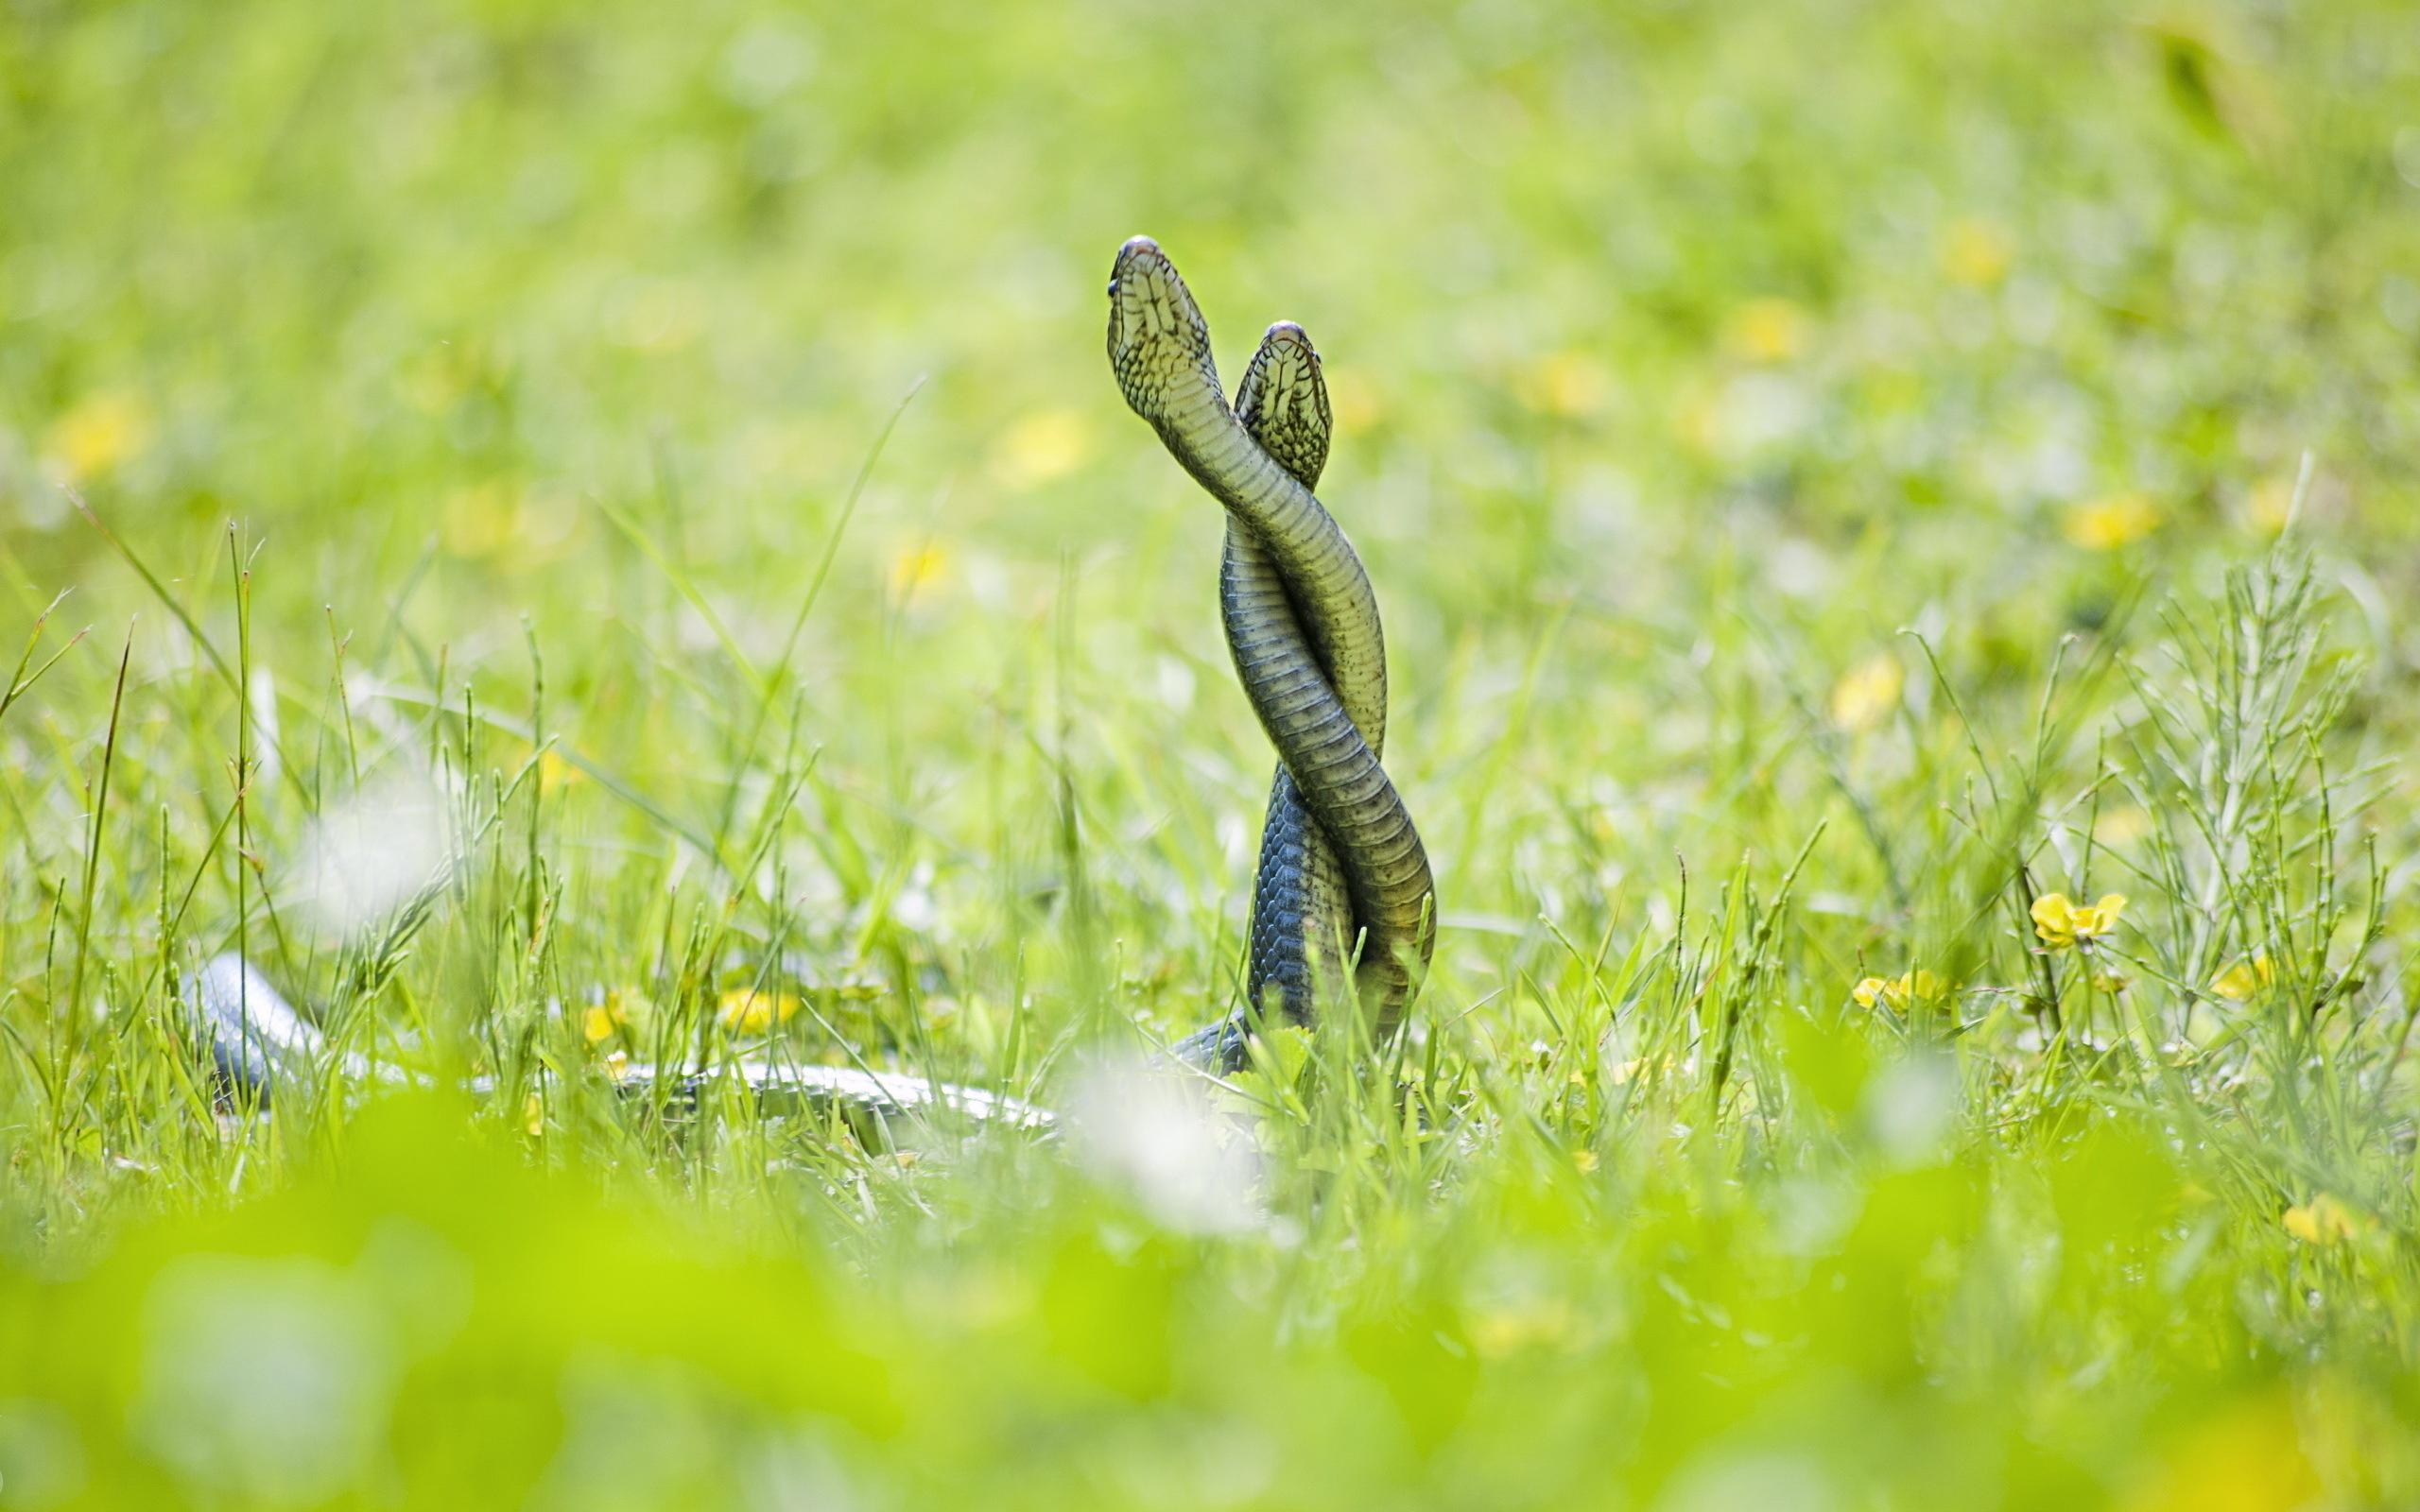 Картинка: Сплелись, змеи, две, трава